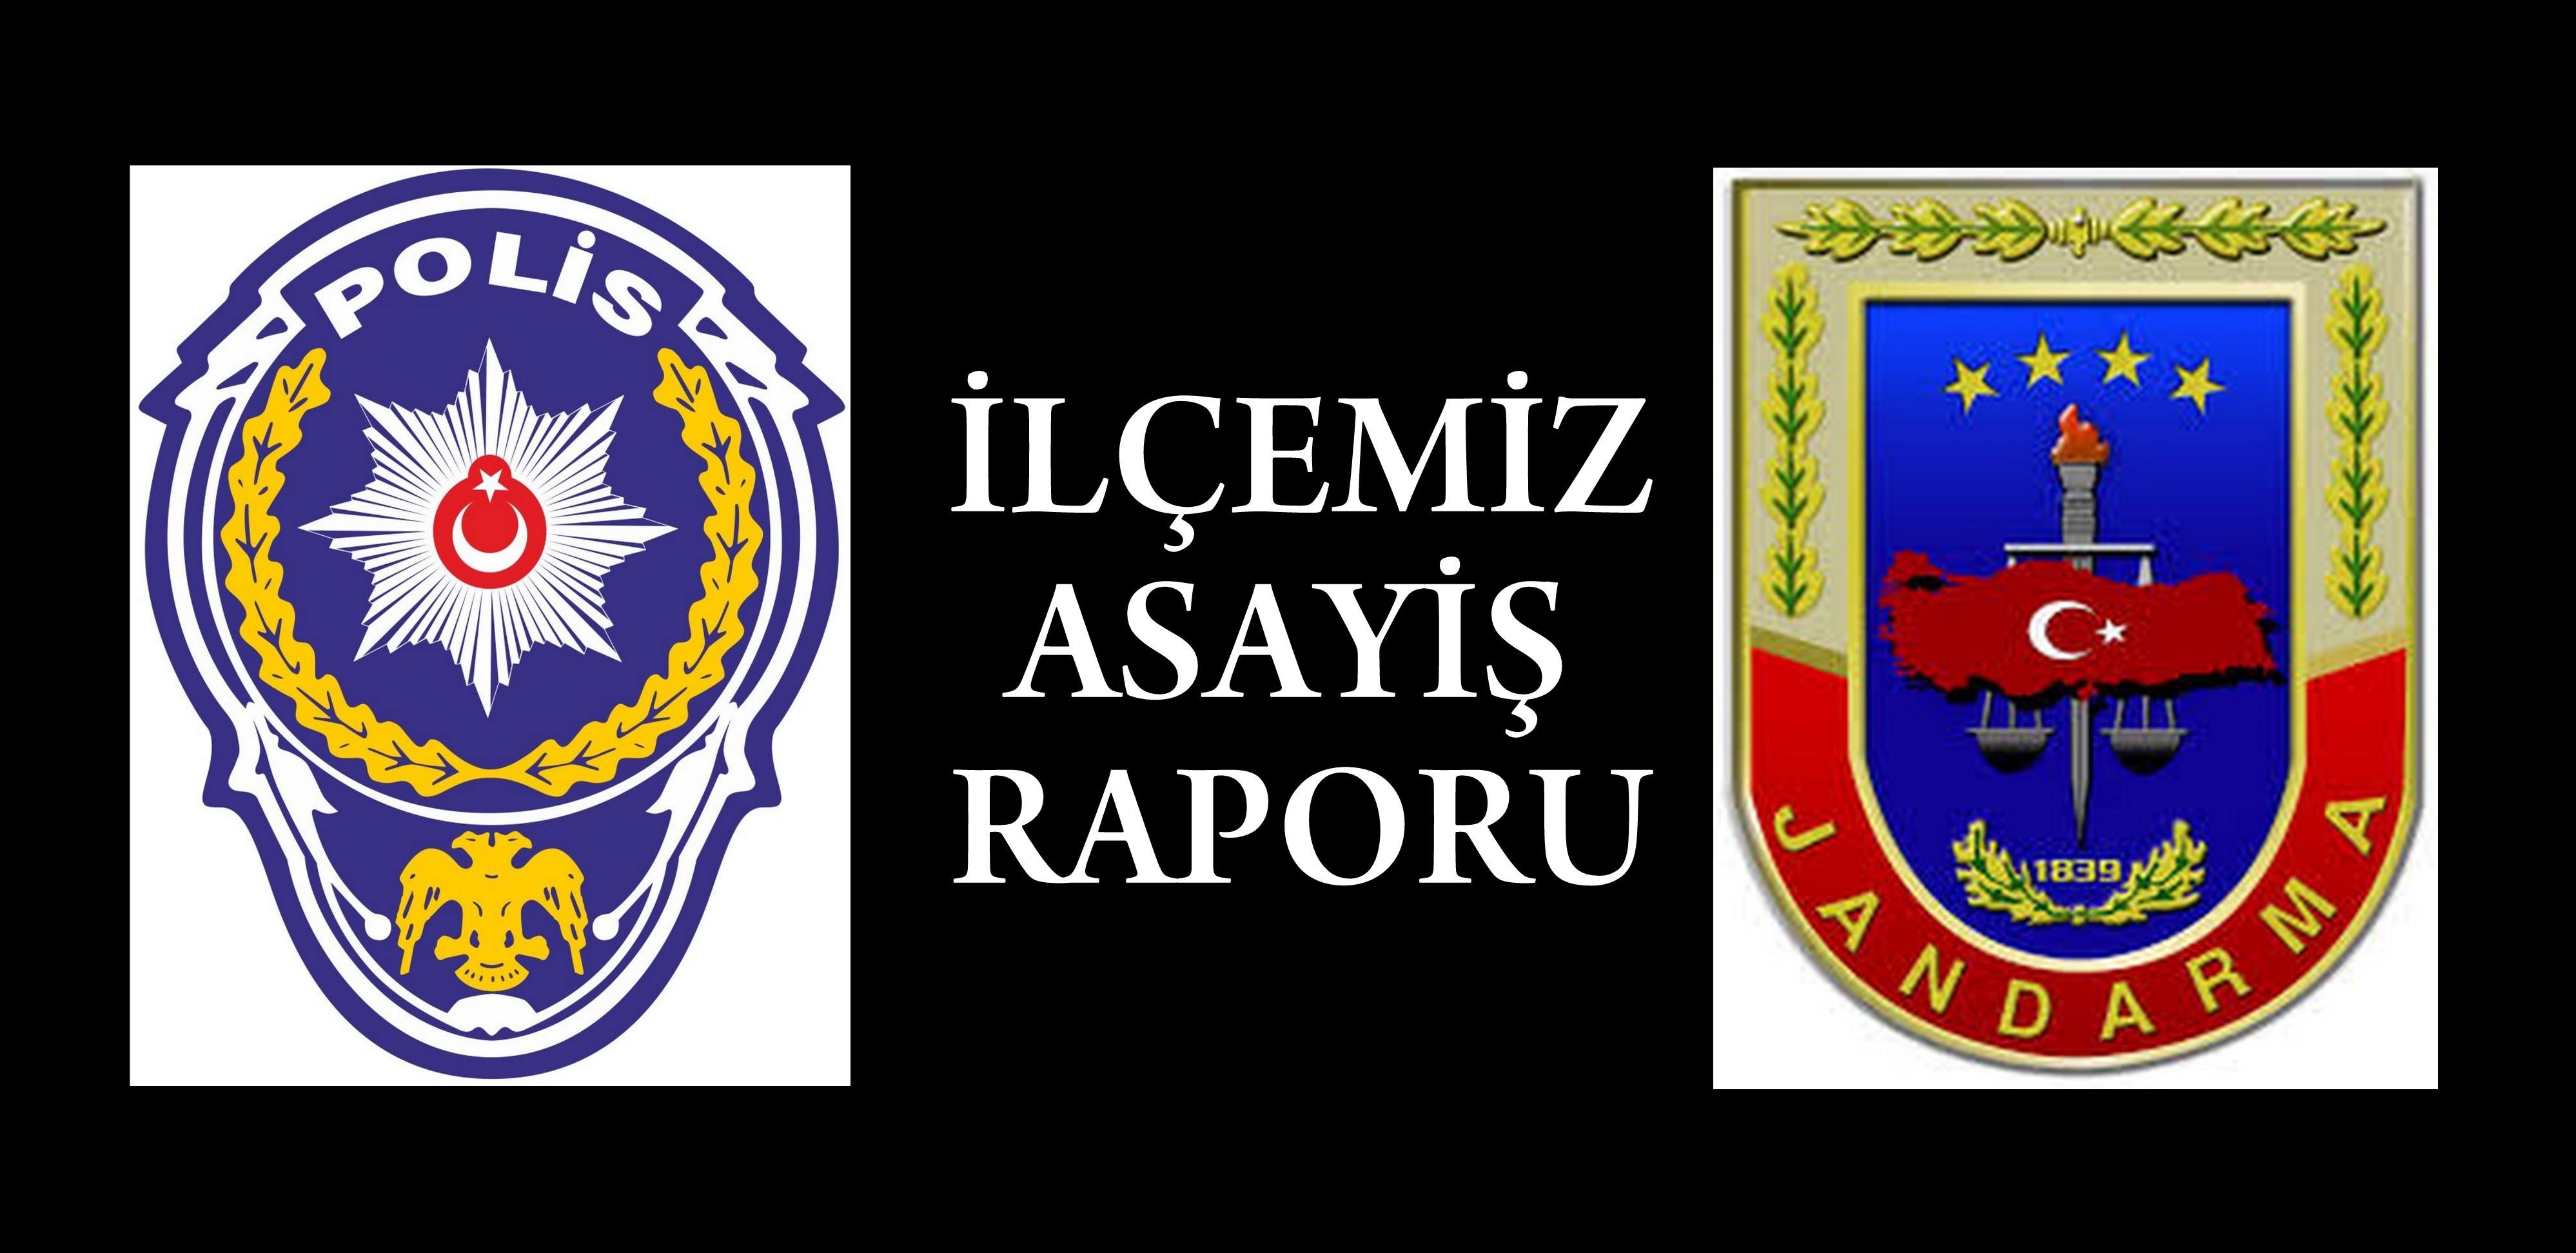 Arifiye Emniyet ve Jandarma Bölgesi Asayiş raporları